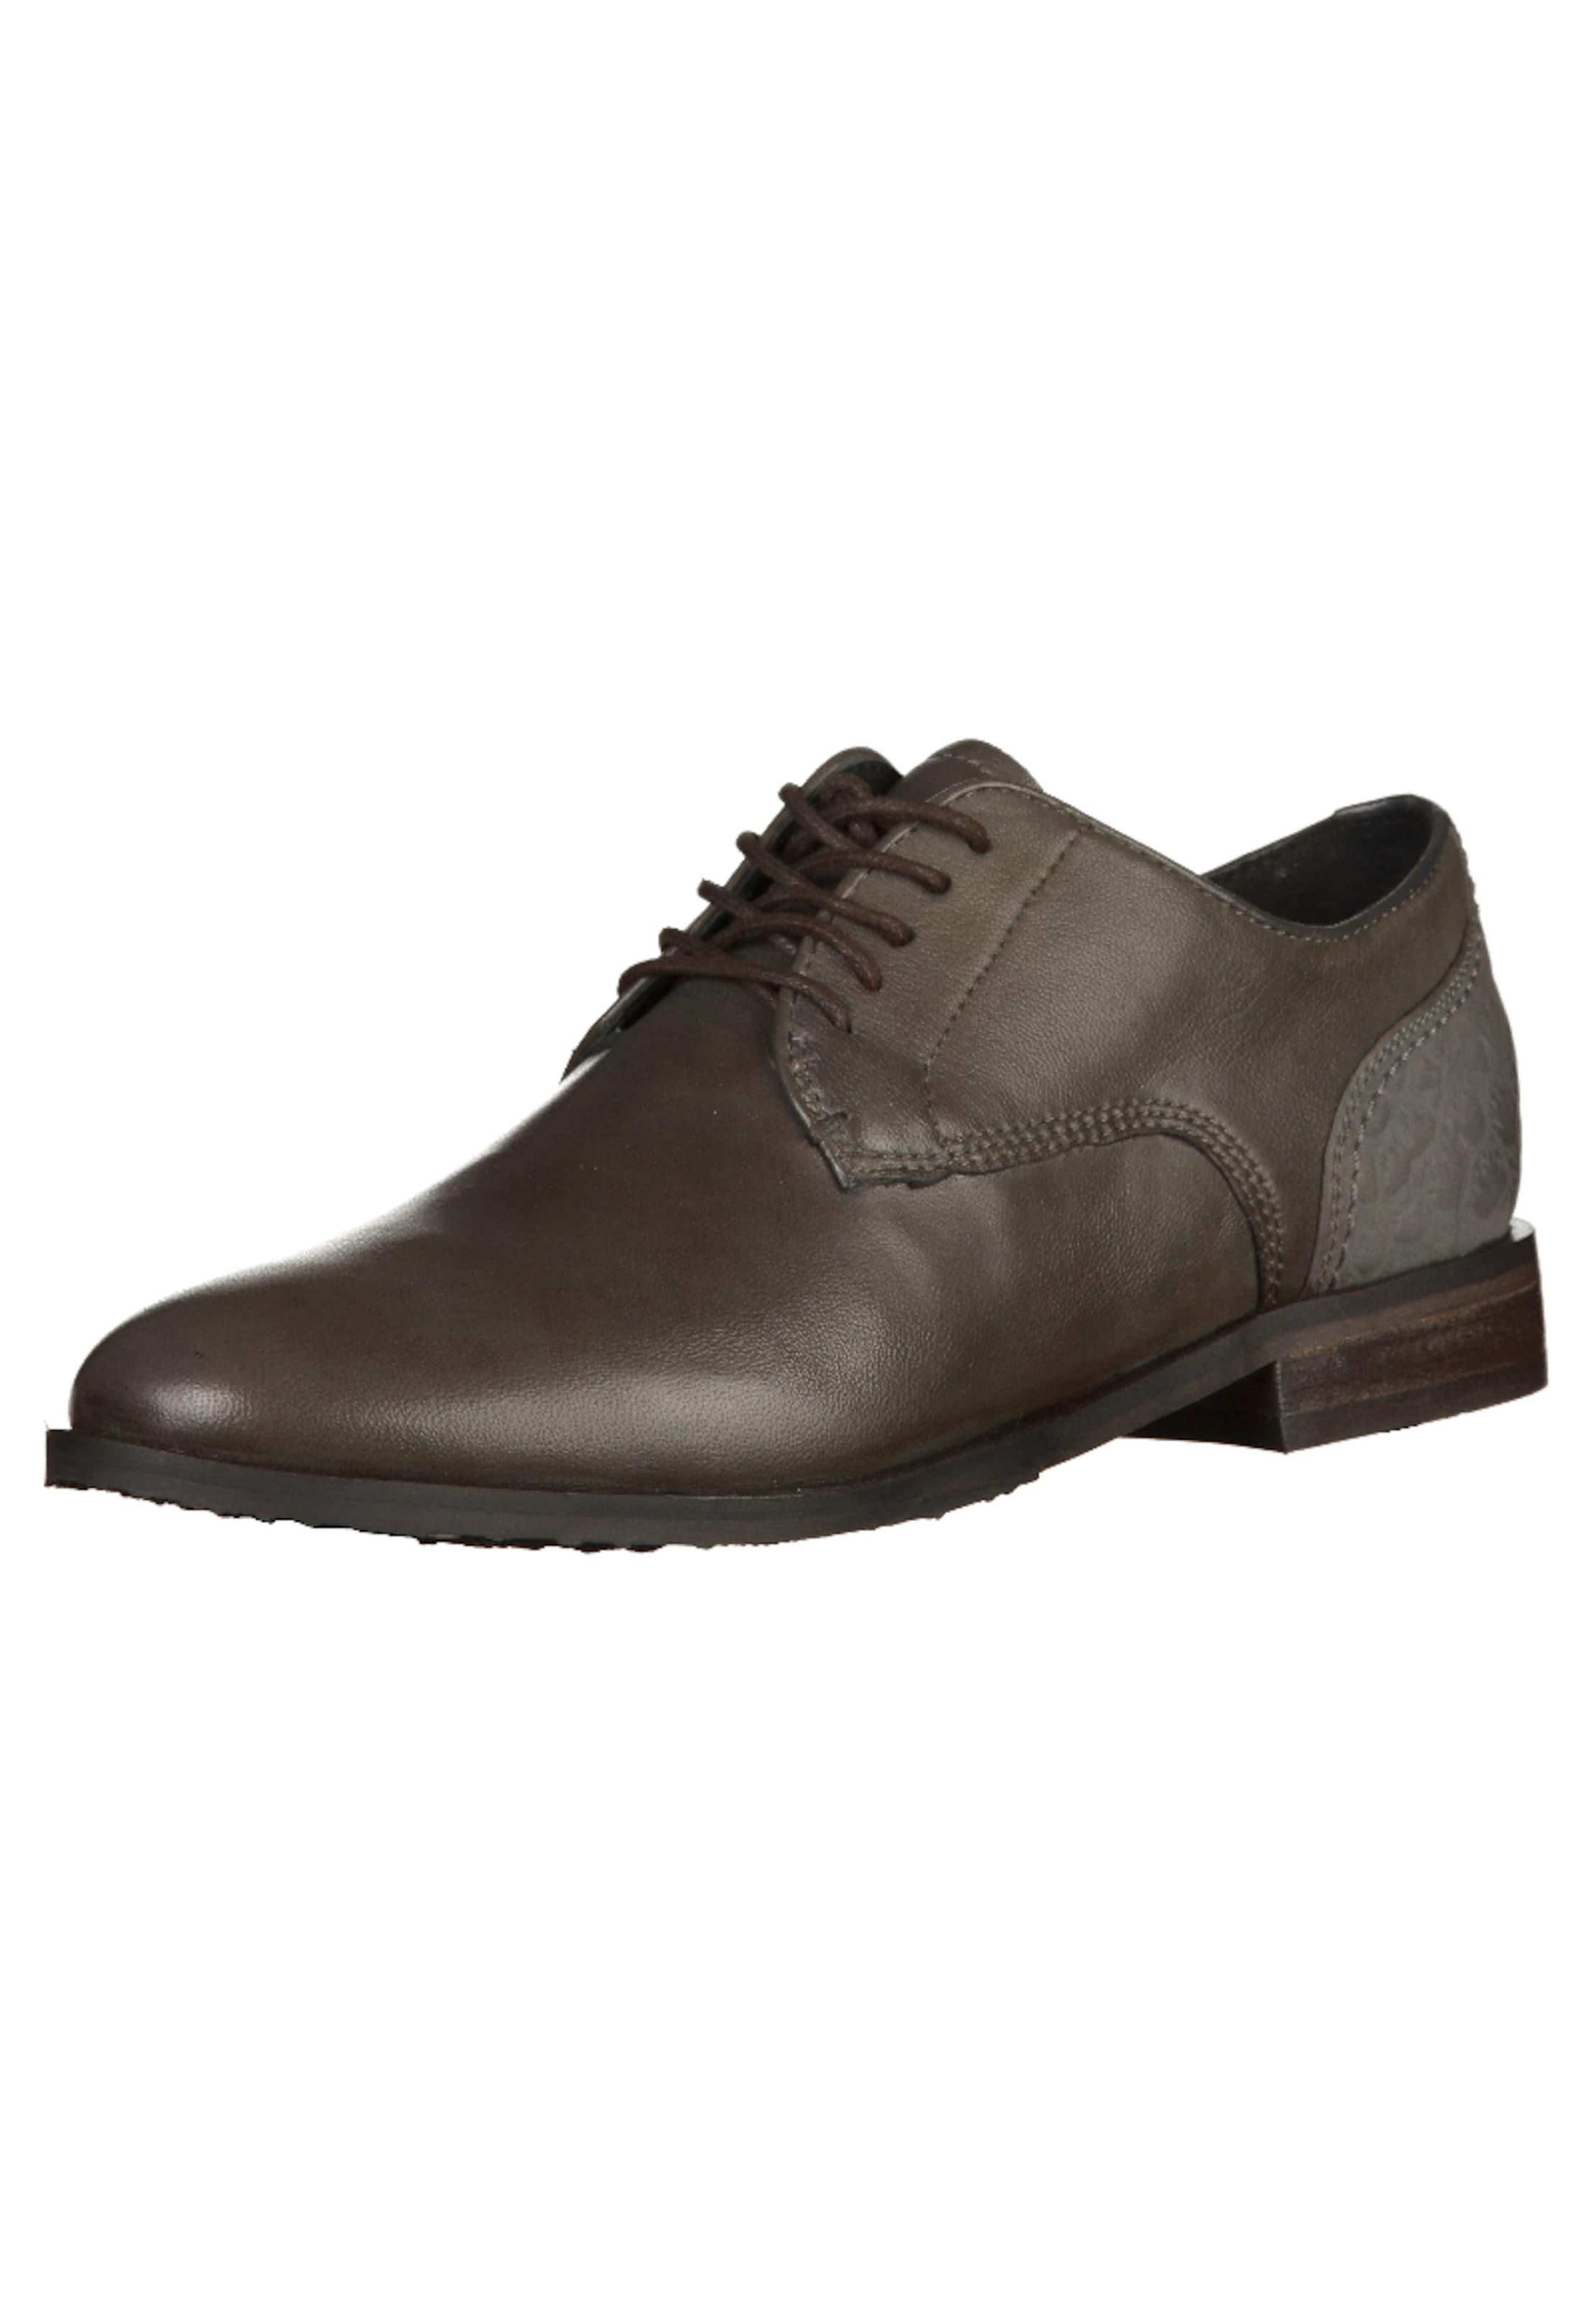 SPM Halbschuhe Verschleißfeste billige Schuhe Hohe Qualität